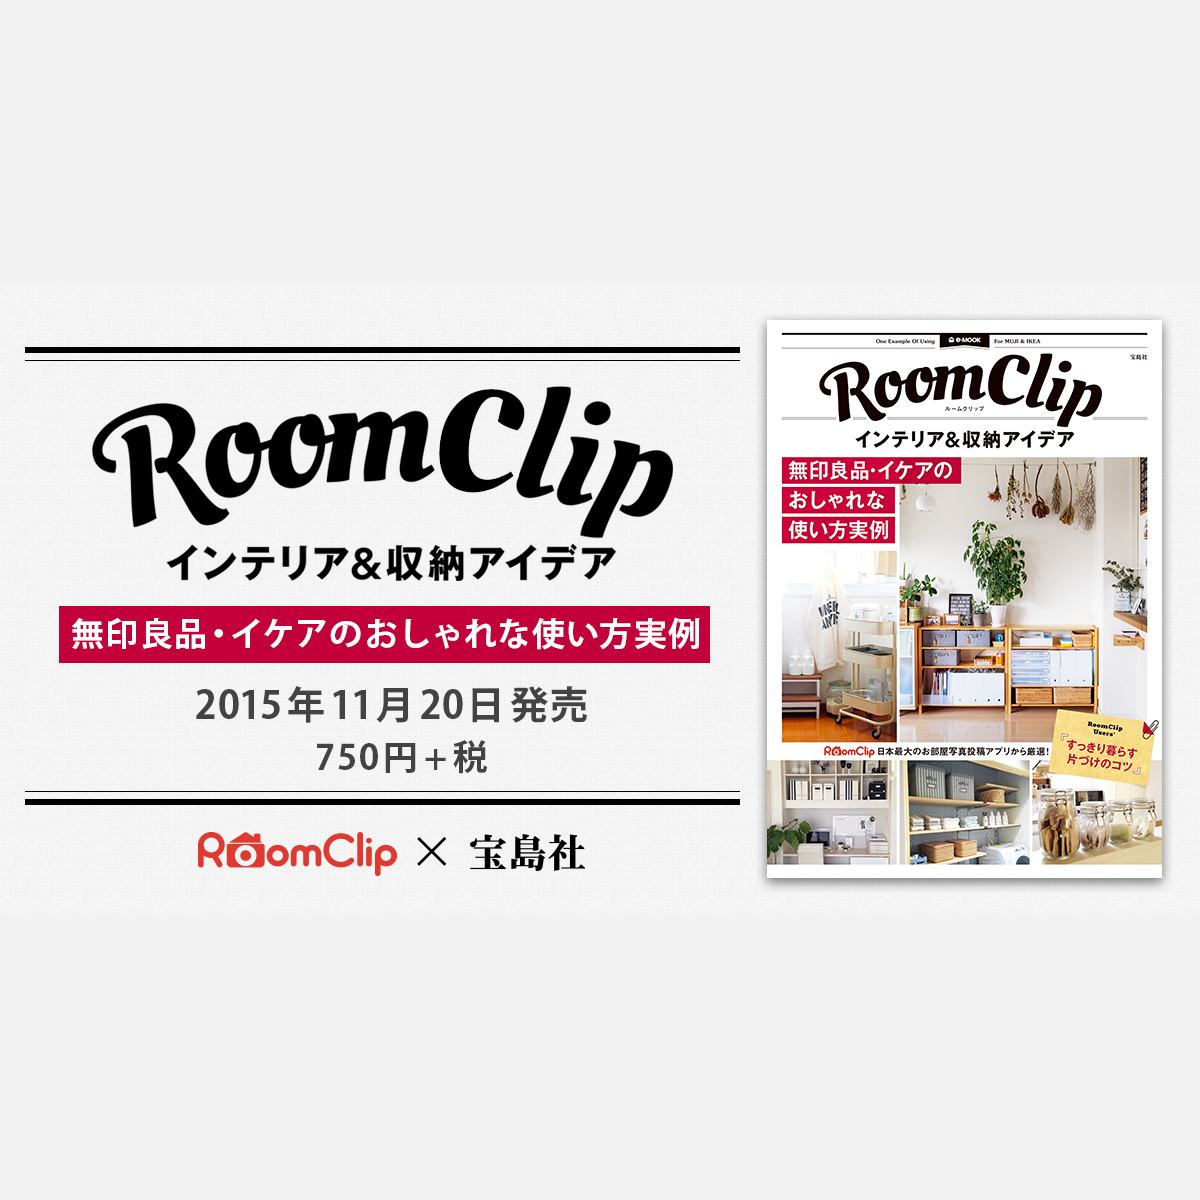 インテリアムック本「RoomClip インテリア&収納アイデア」発売!